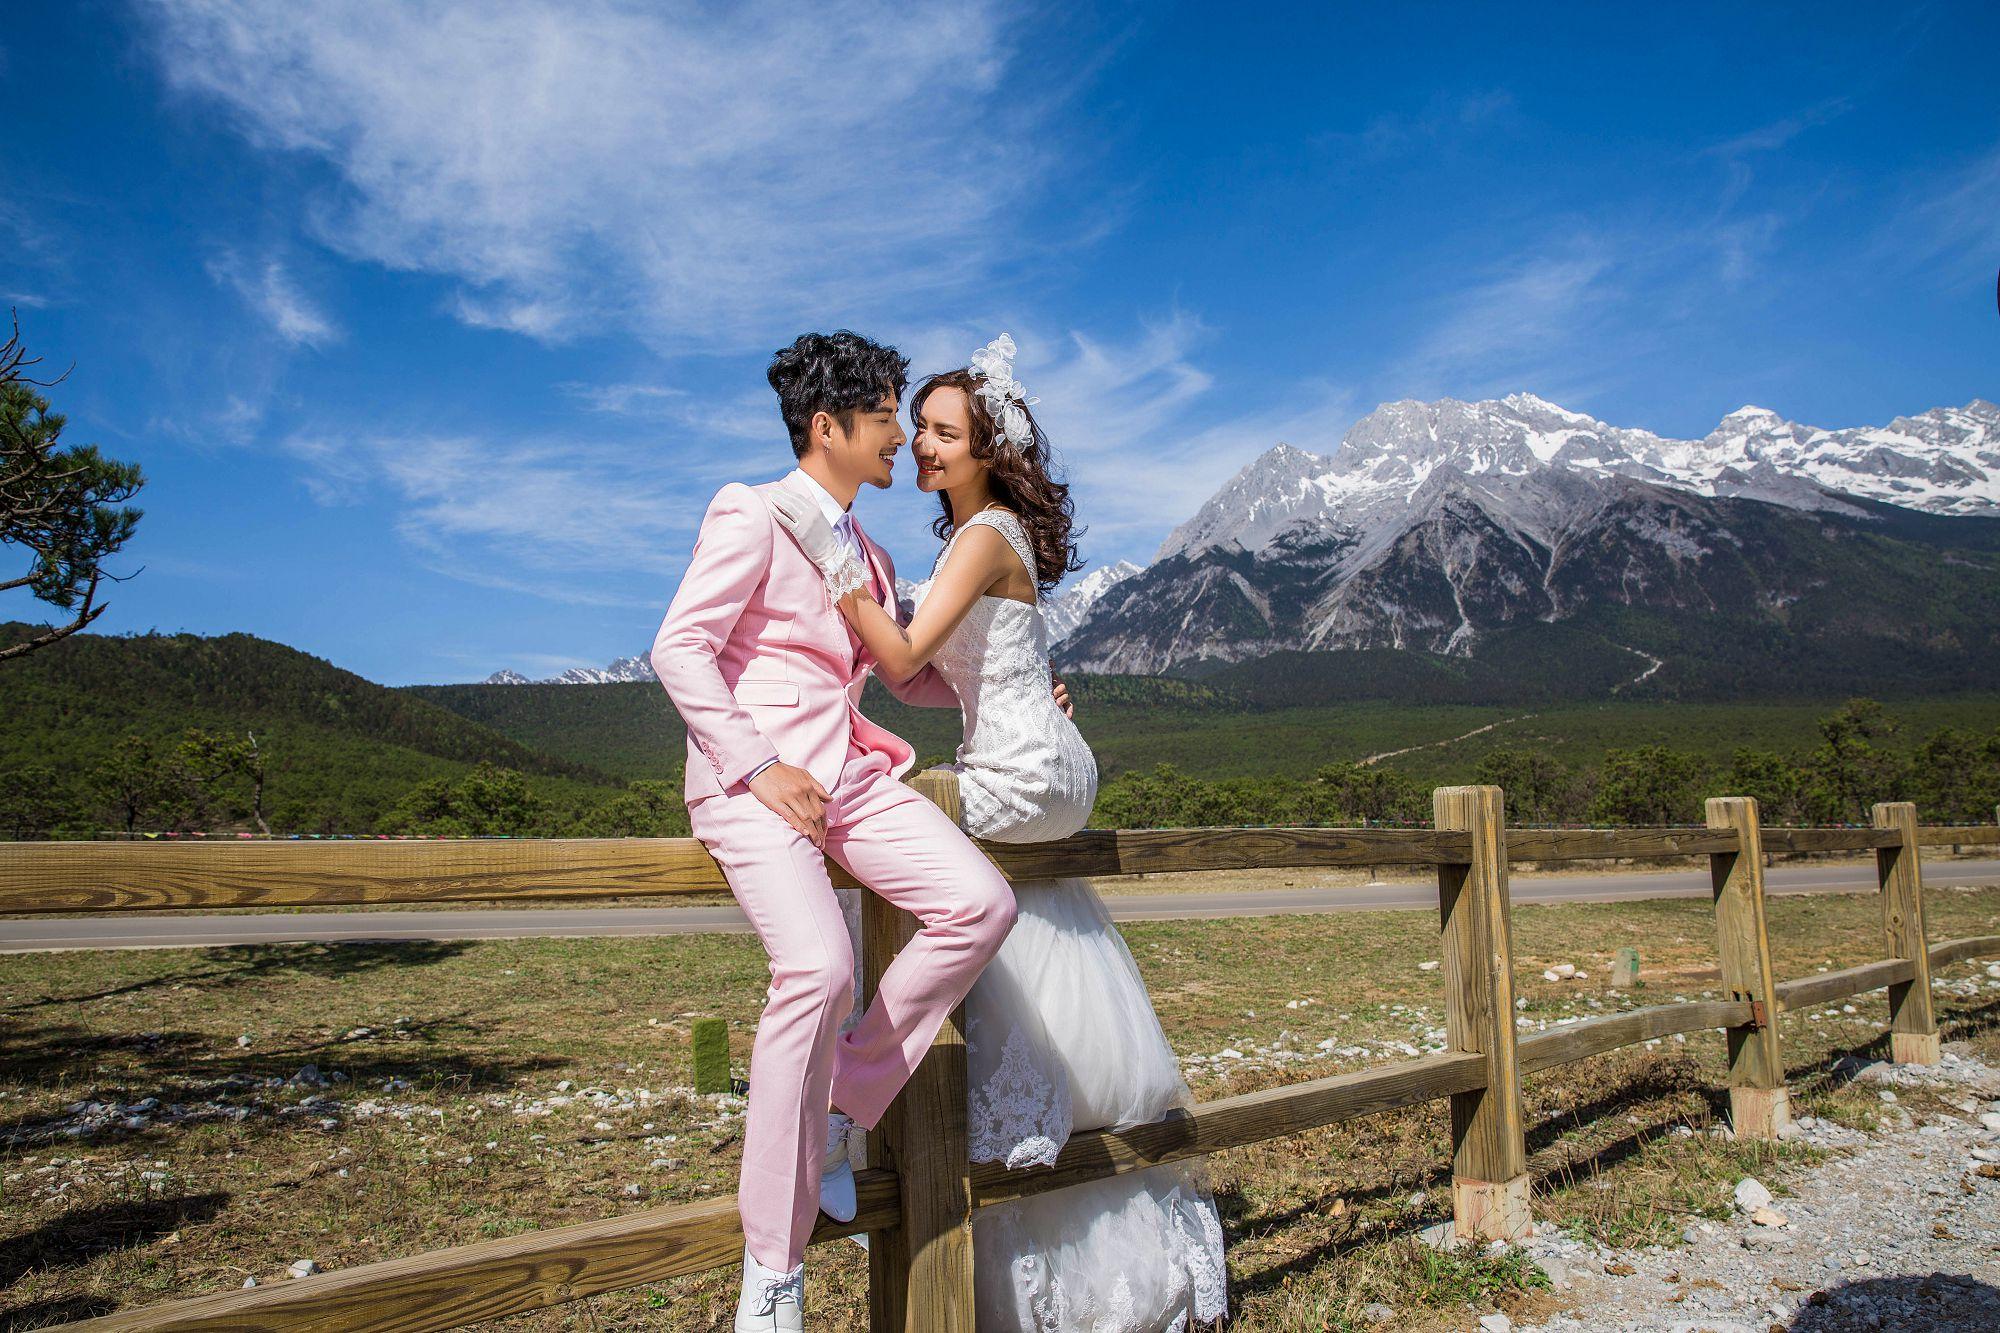 丽江拍摄婚纱照,这些景点非去不可